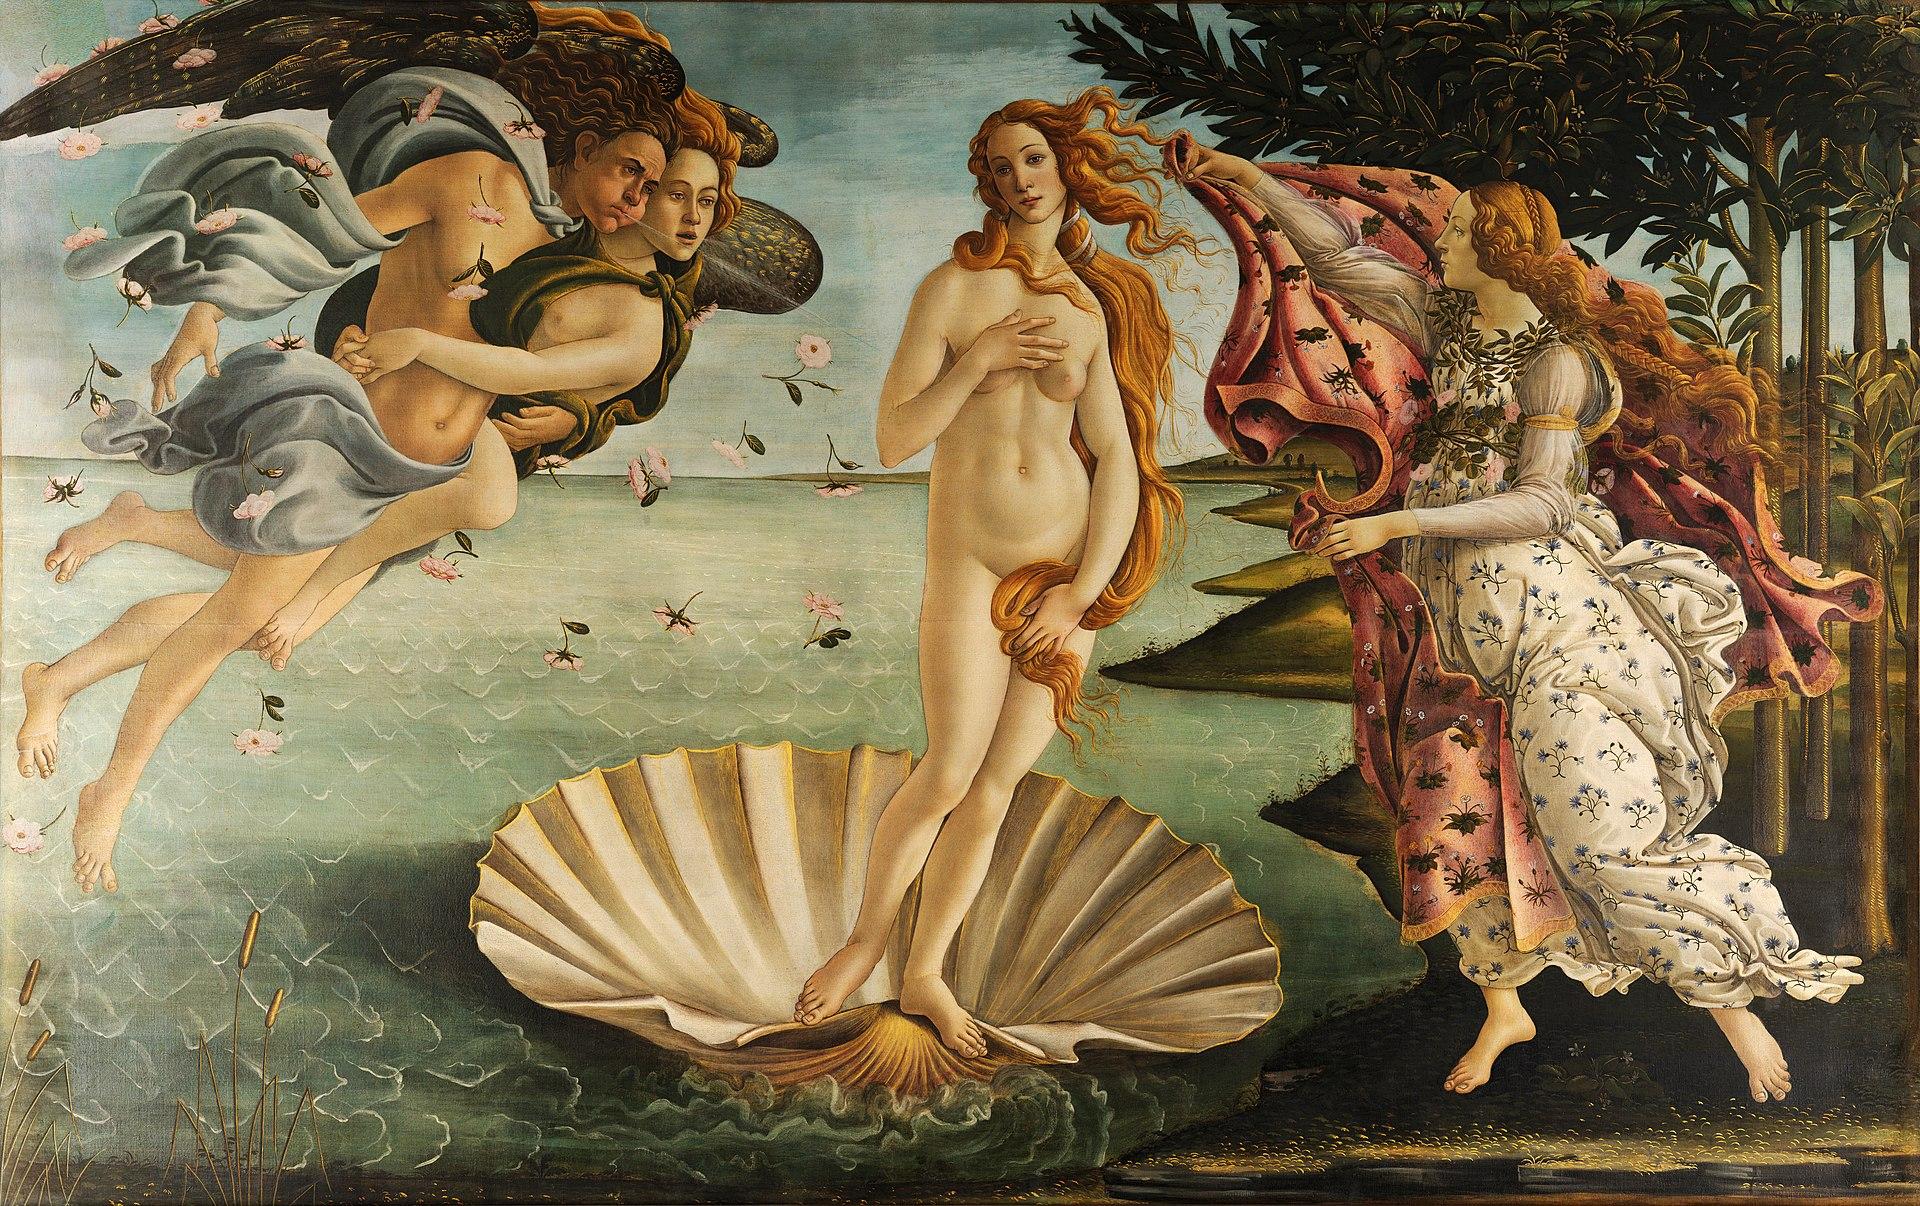 1920px-Sandro_Botticelli_-_La_nascita_di_Venere_-_Google_Art_Project_-_edited.jpg